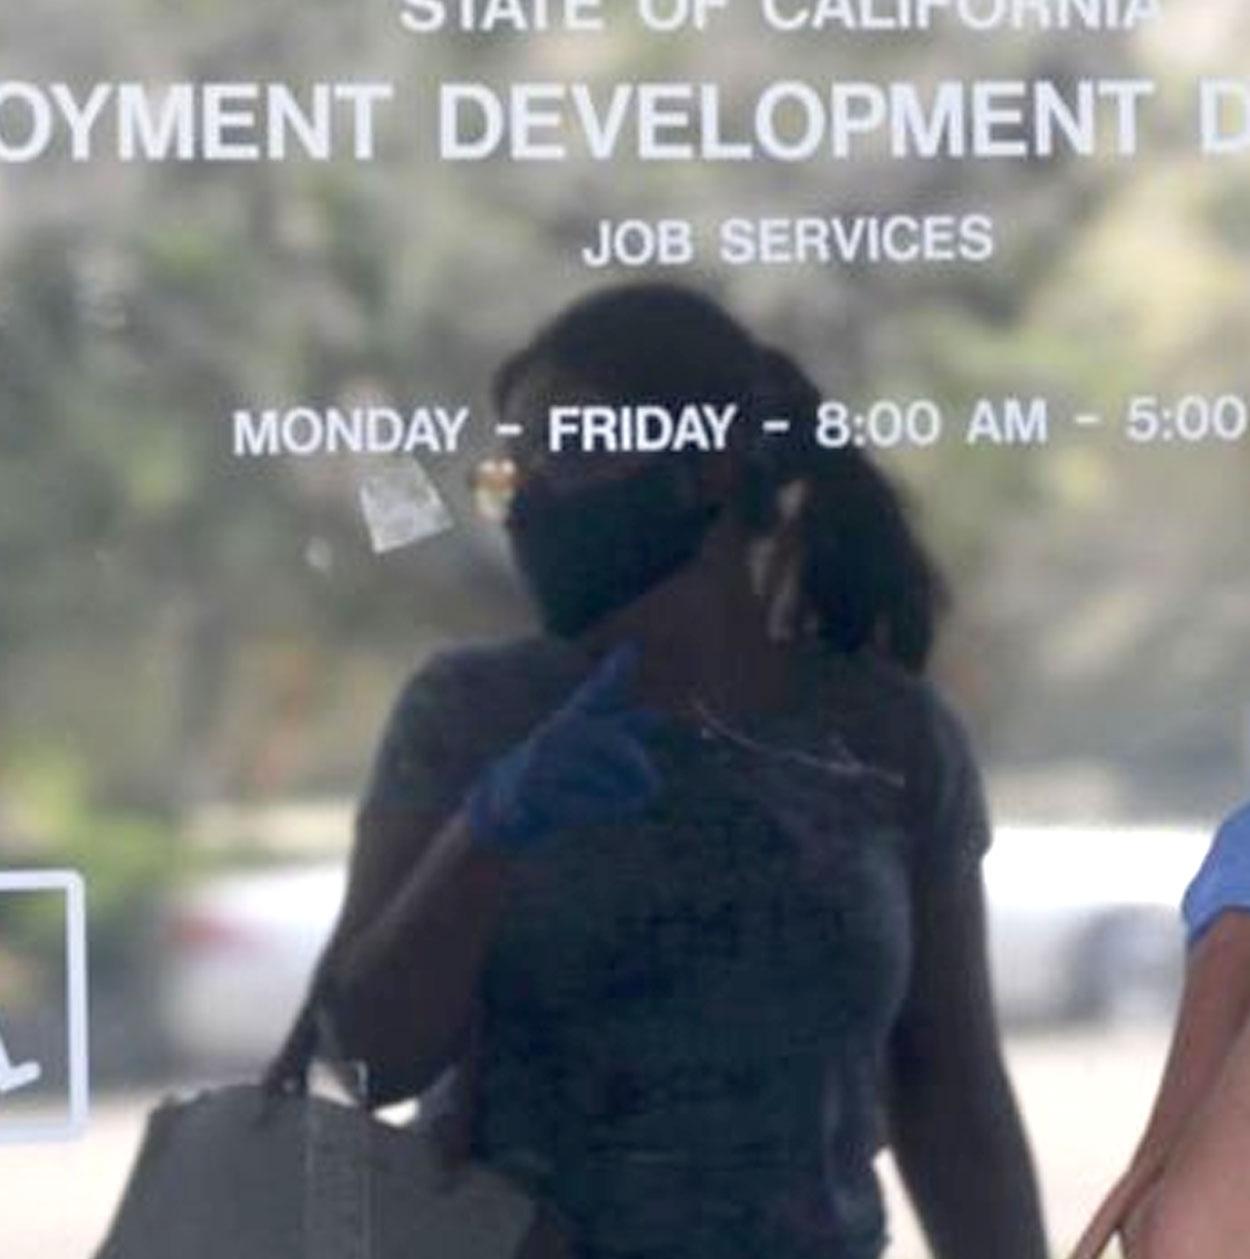 Cae sorpresivamente el desempleo en Estados Unidos. Comenzó la recuperación post-corona virus?